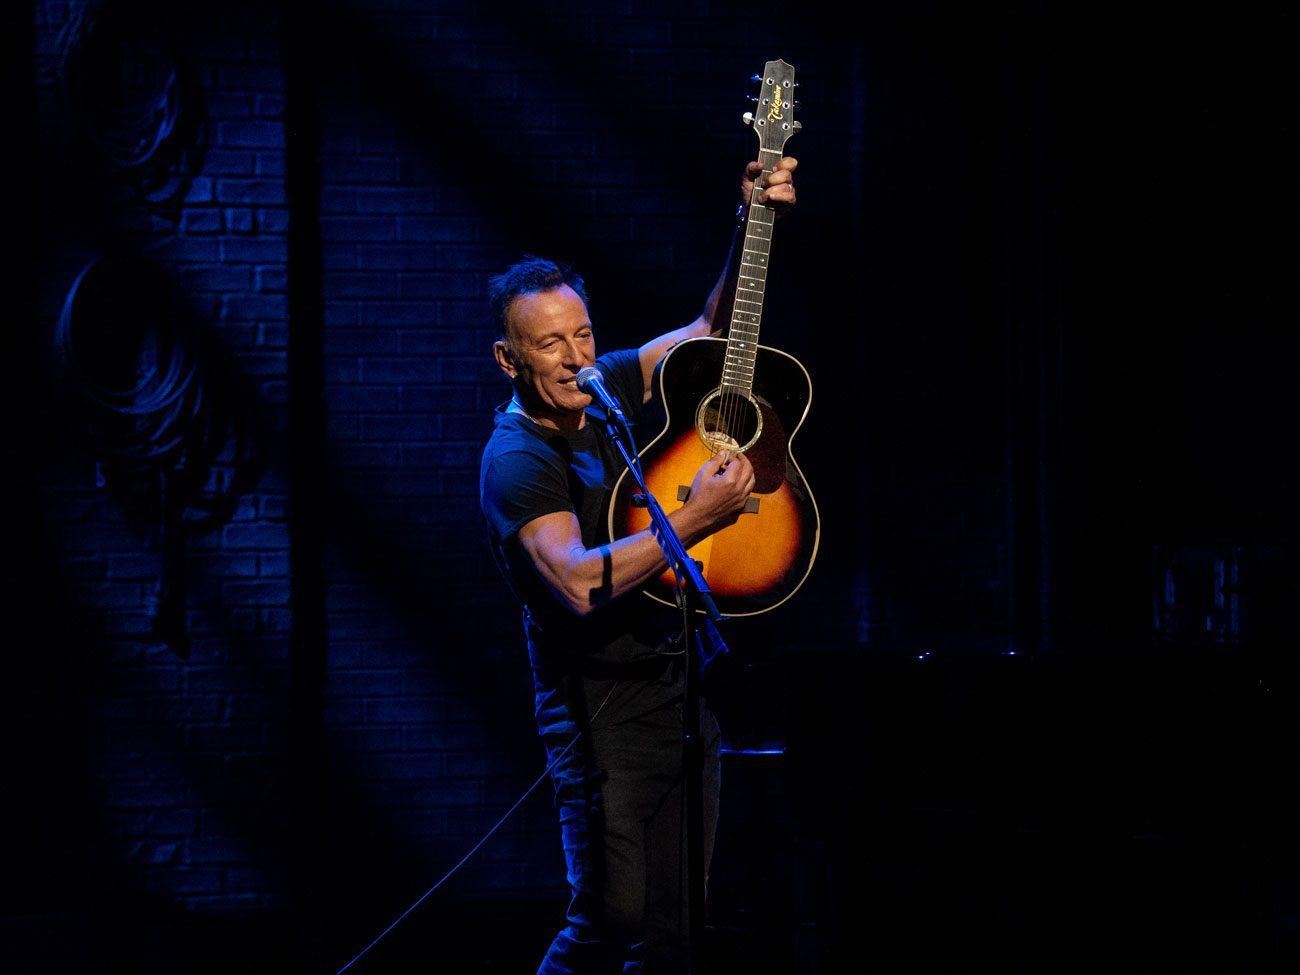 Concert films: Springsteen on Broadway